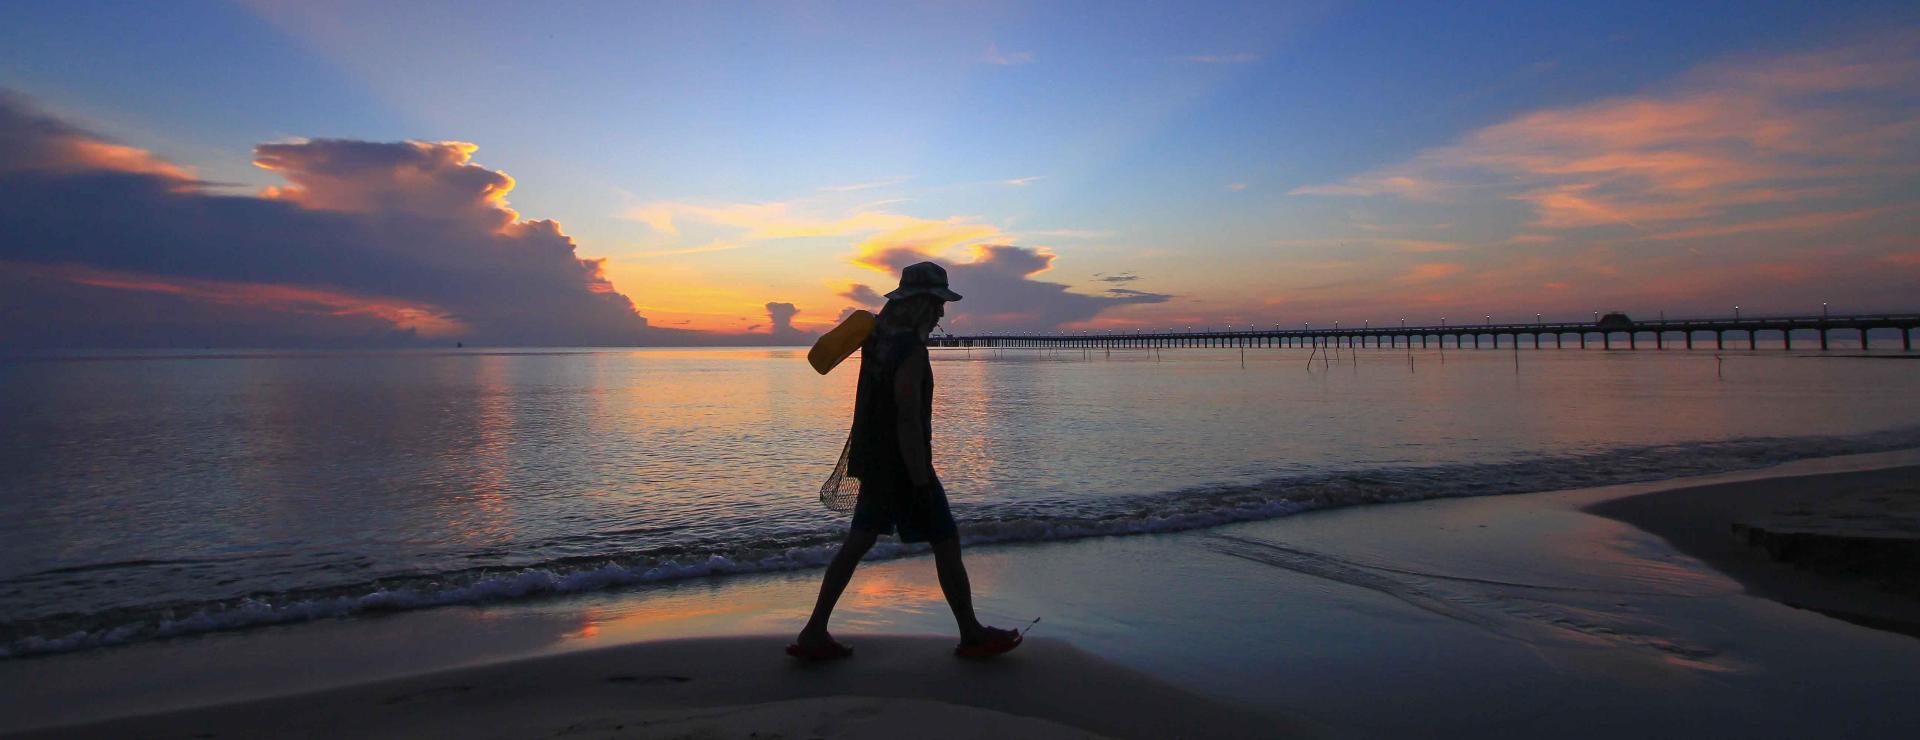 20-minutes walk Blog | YesWeVibe